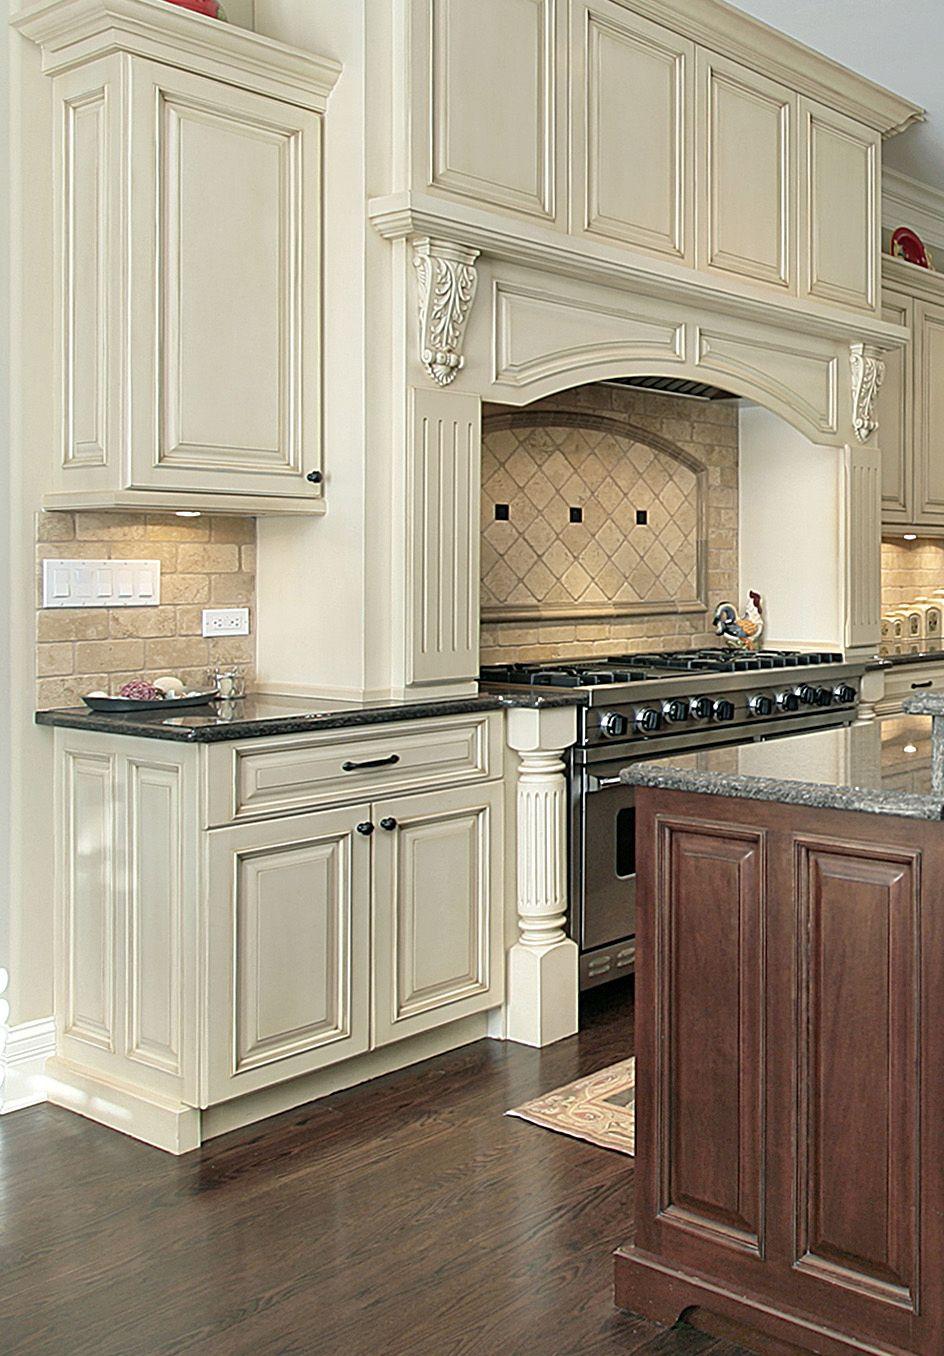 Best Prasada Antique White Kitchen With Large Decorative Range 640 x 480